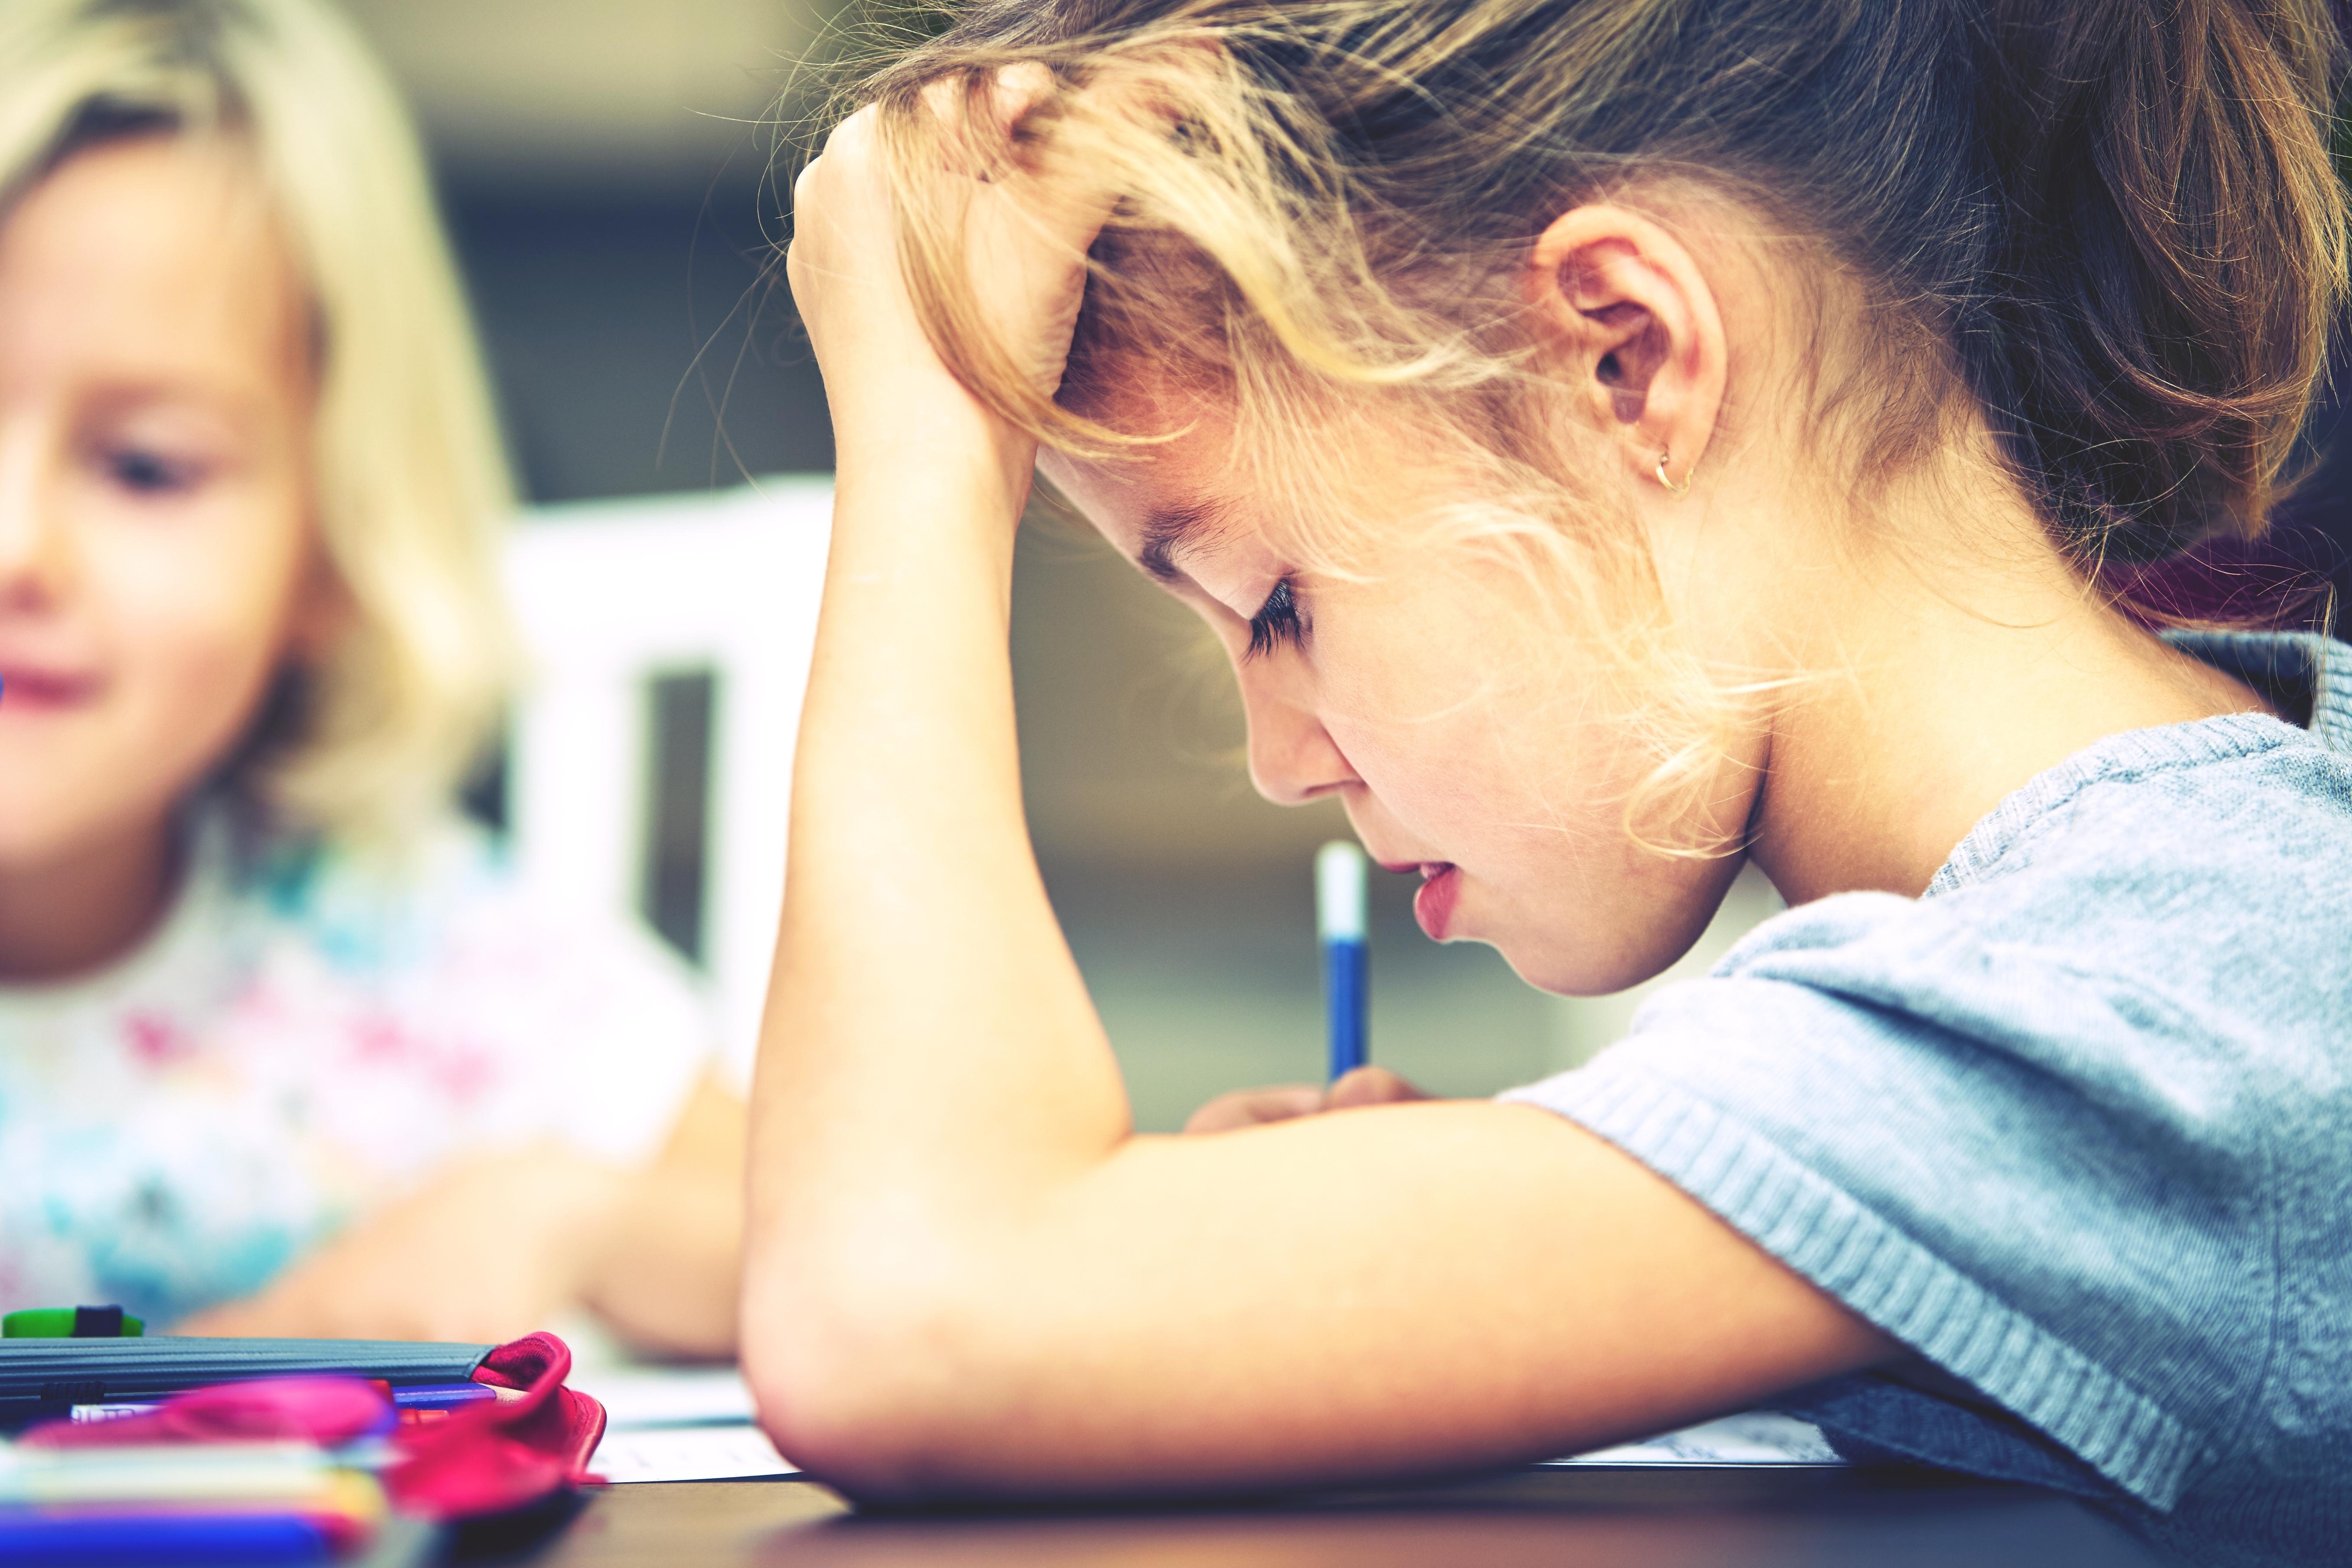 Symtomen på Tourettes syndrom visar vanligen tidigt, ofta redan i förskoleåldern. Skolstaren kan vara en svår period för de som har funktionsnedsättningen.